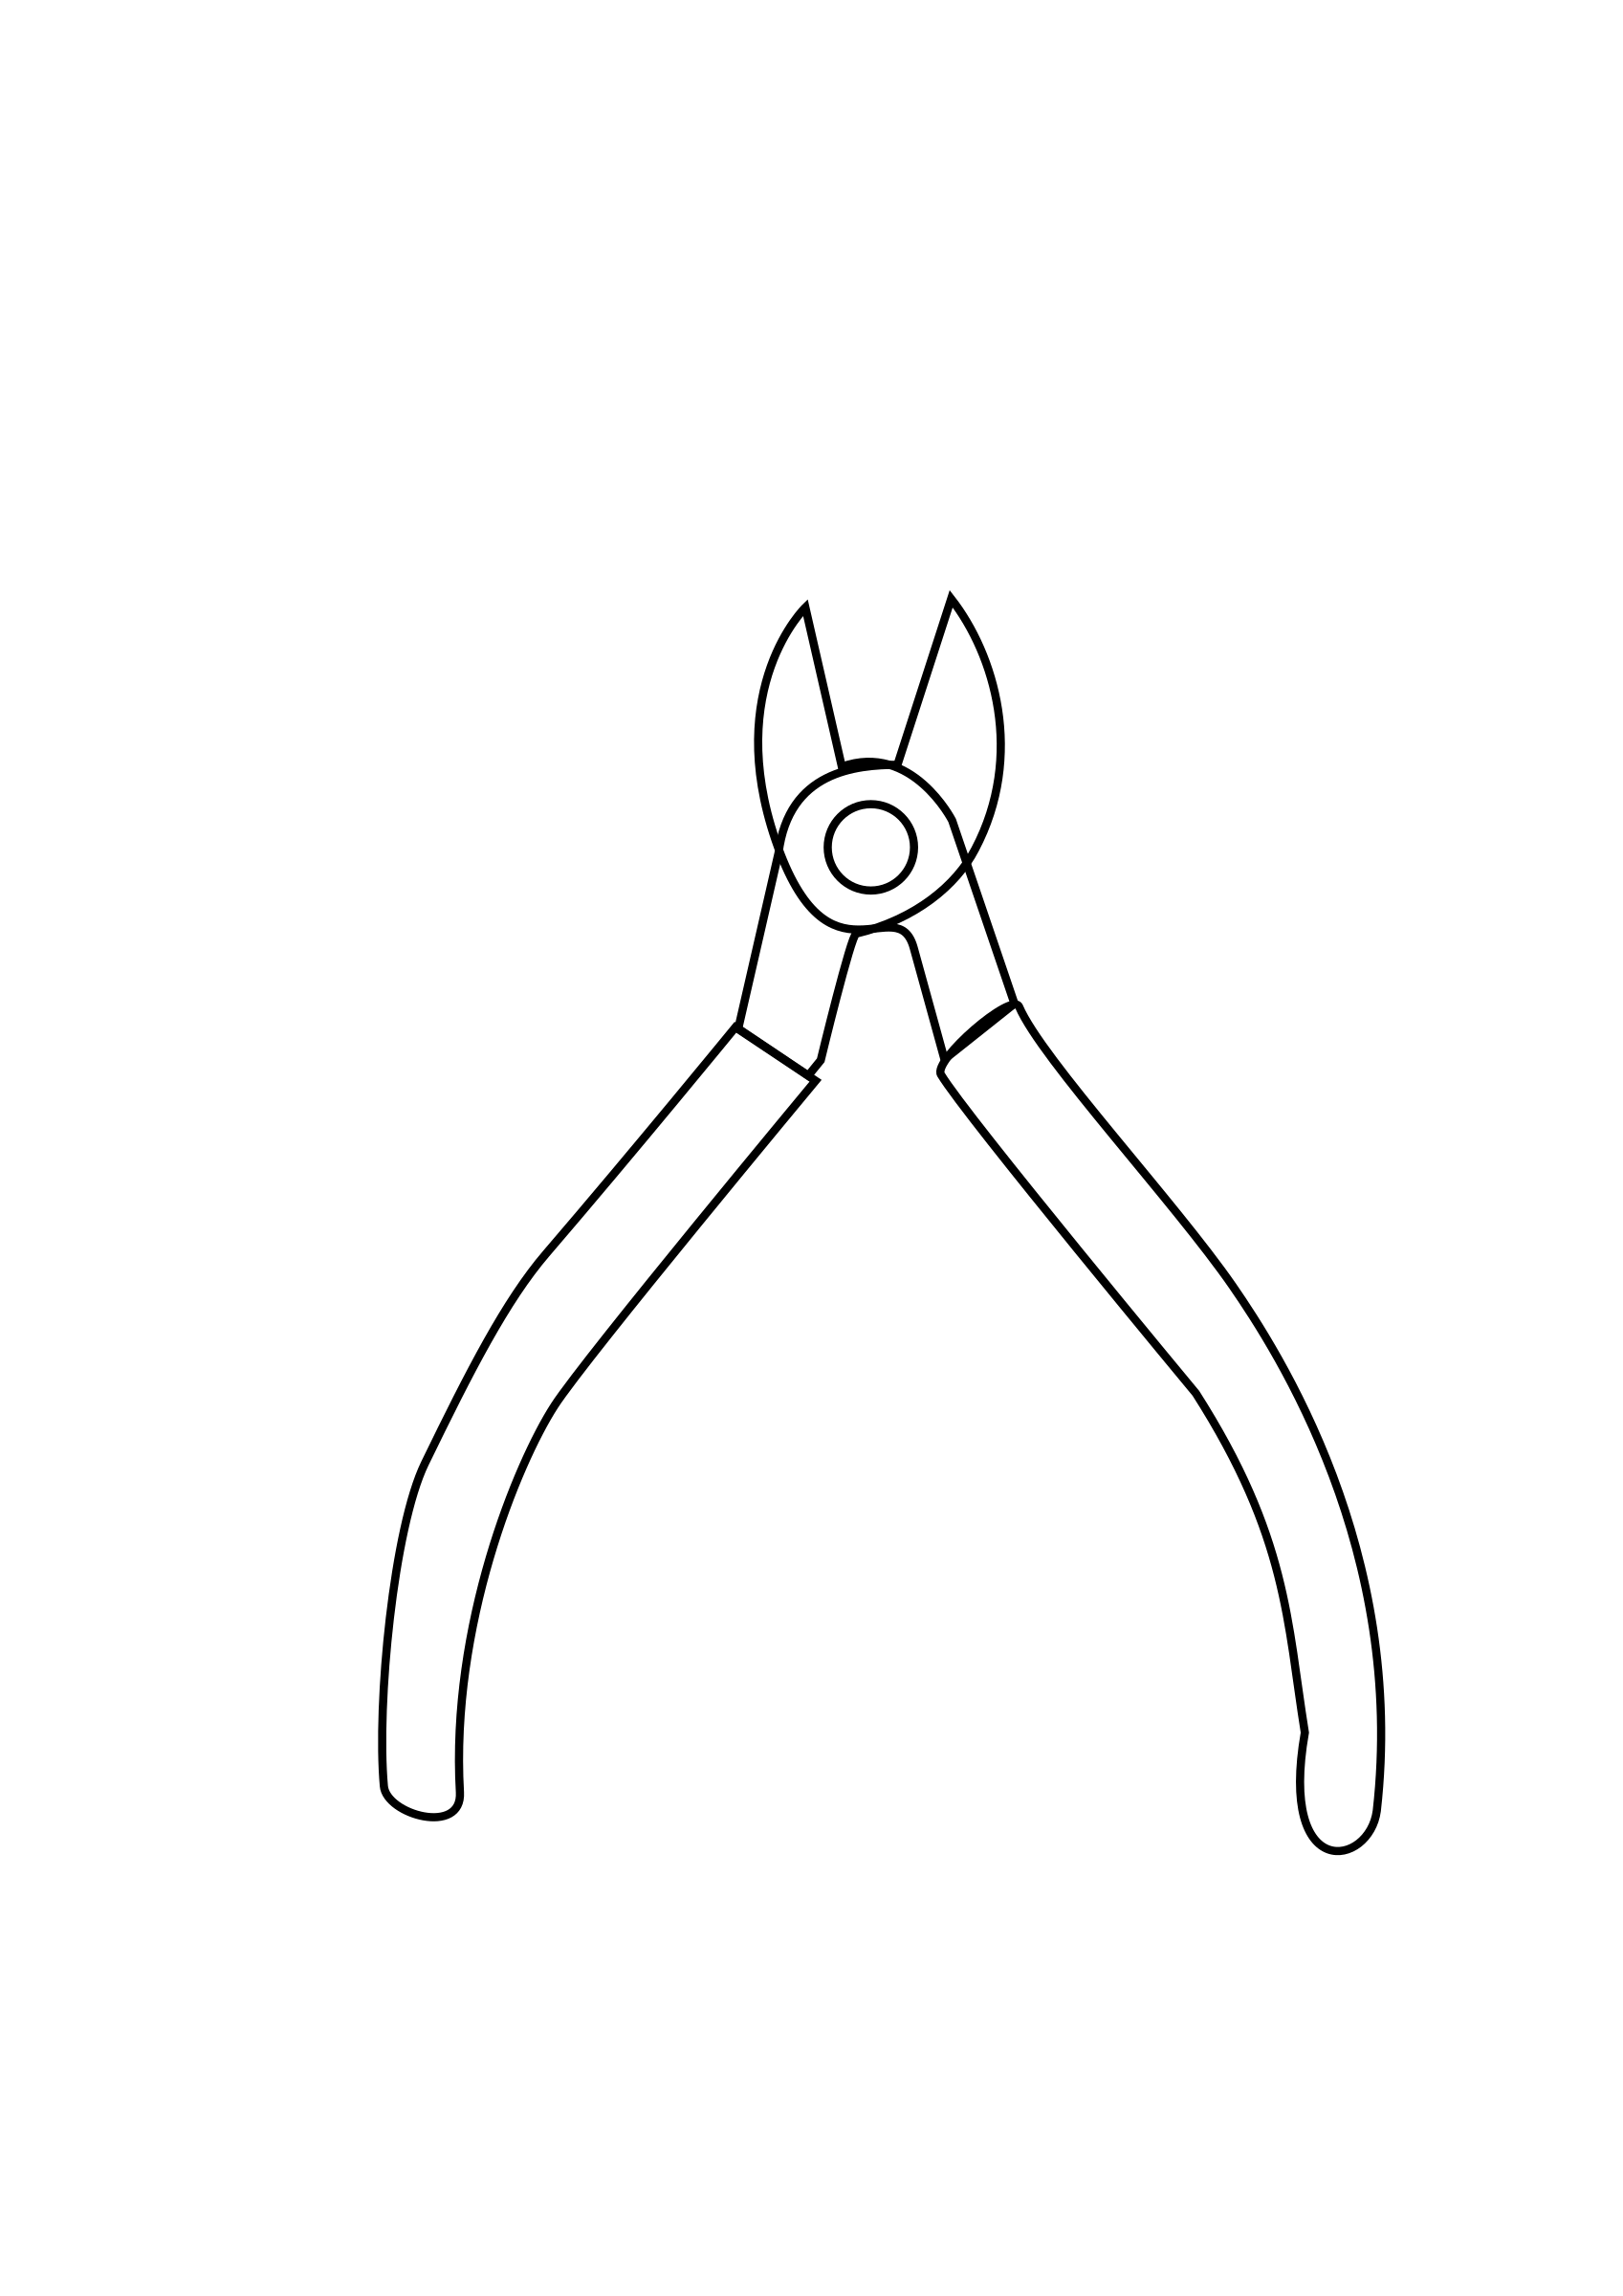 Clipart - Herramienta cortafrio corta cable dibujo para colorear